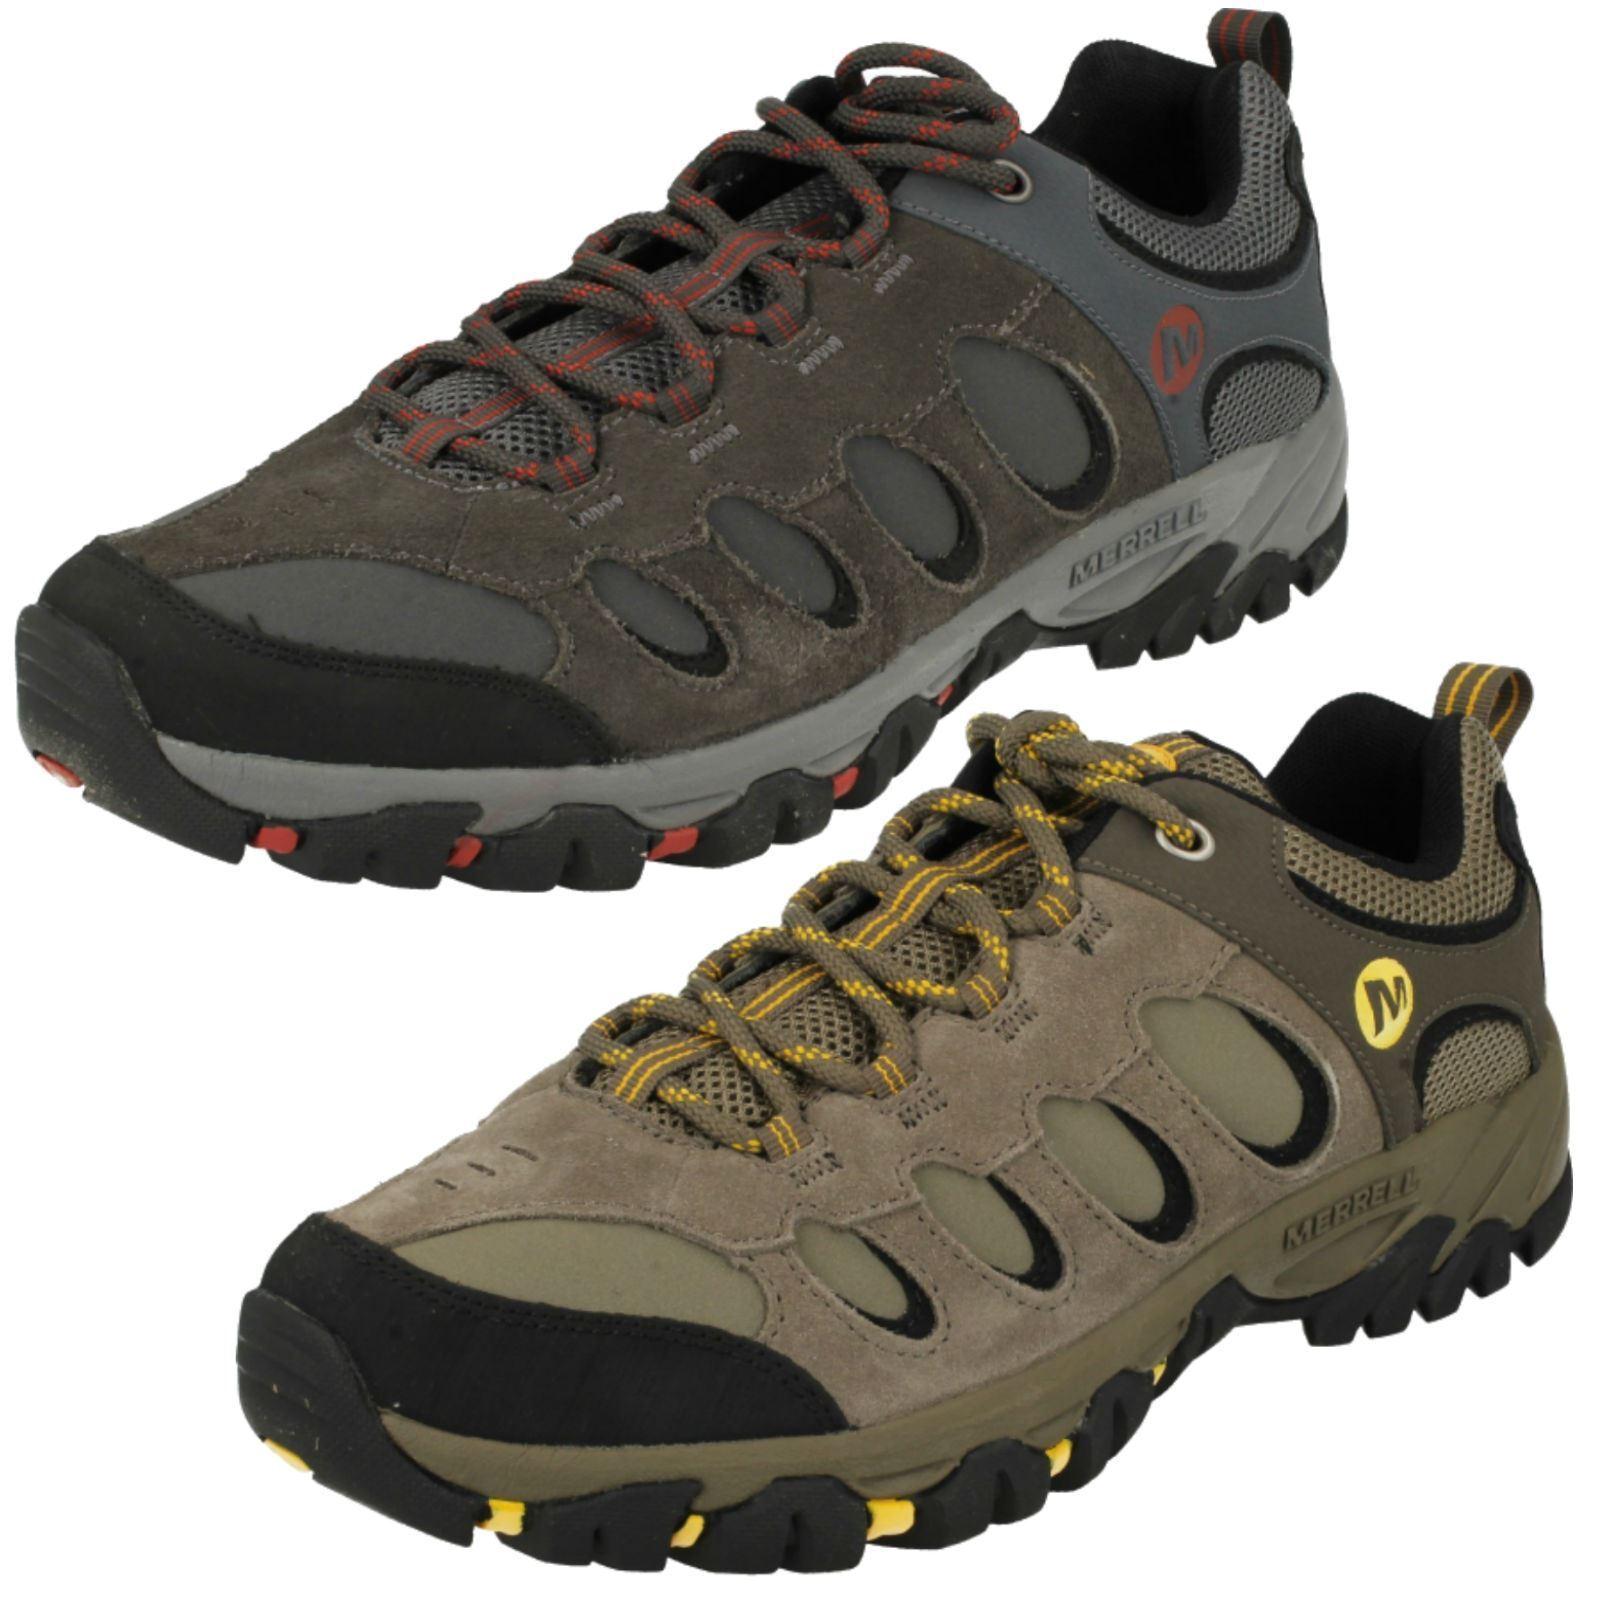 Zapatillas para hombre informales con cordones Merrell ridgepass Perno